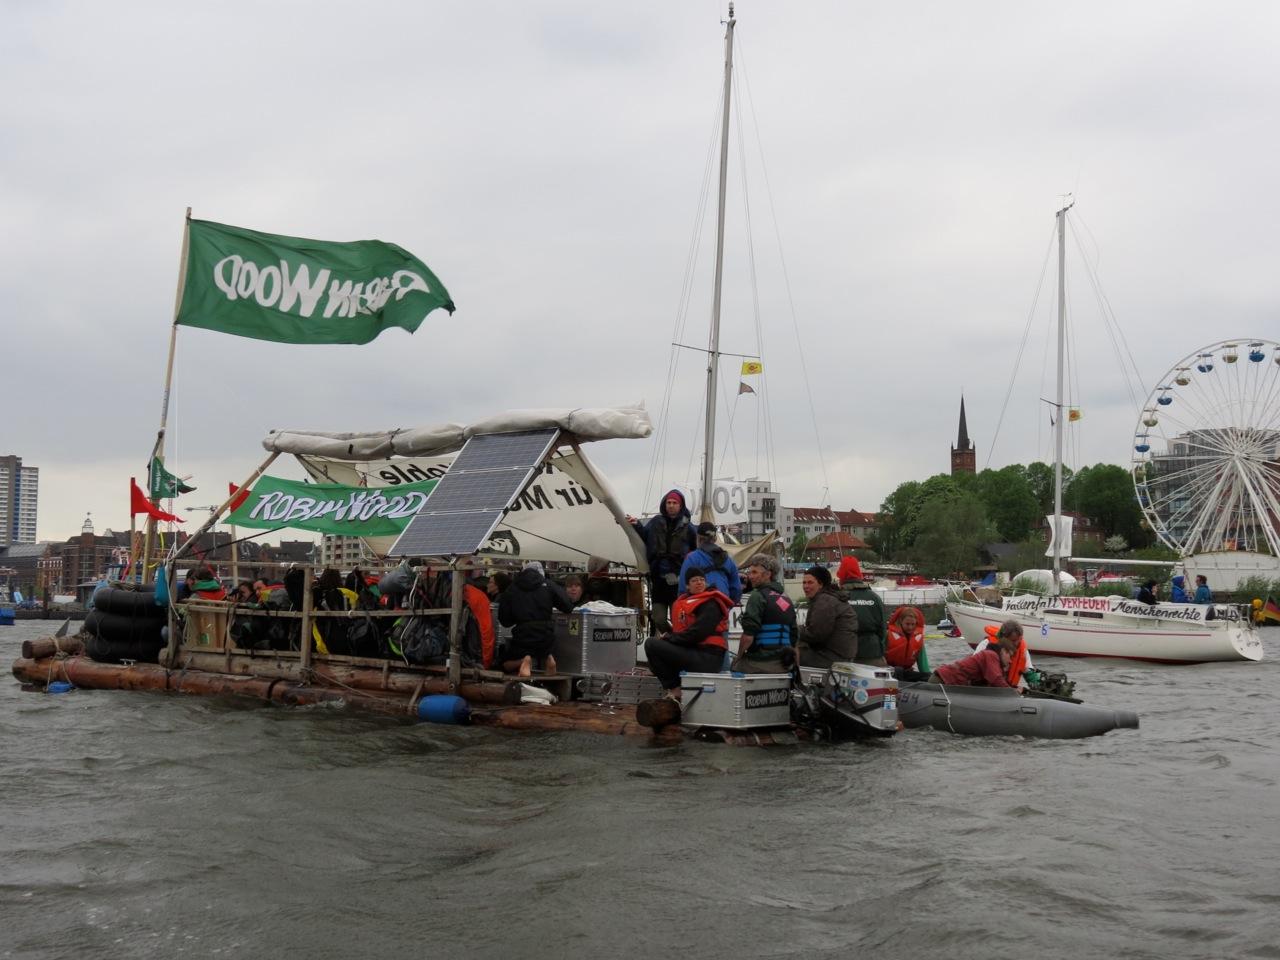 Rowo in der Blockade